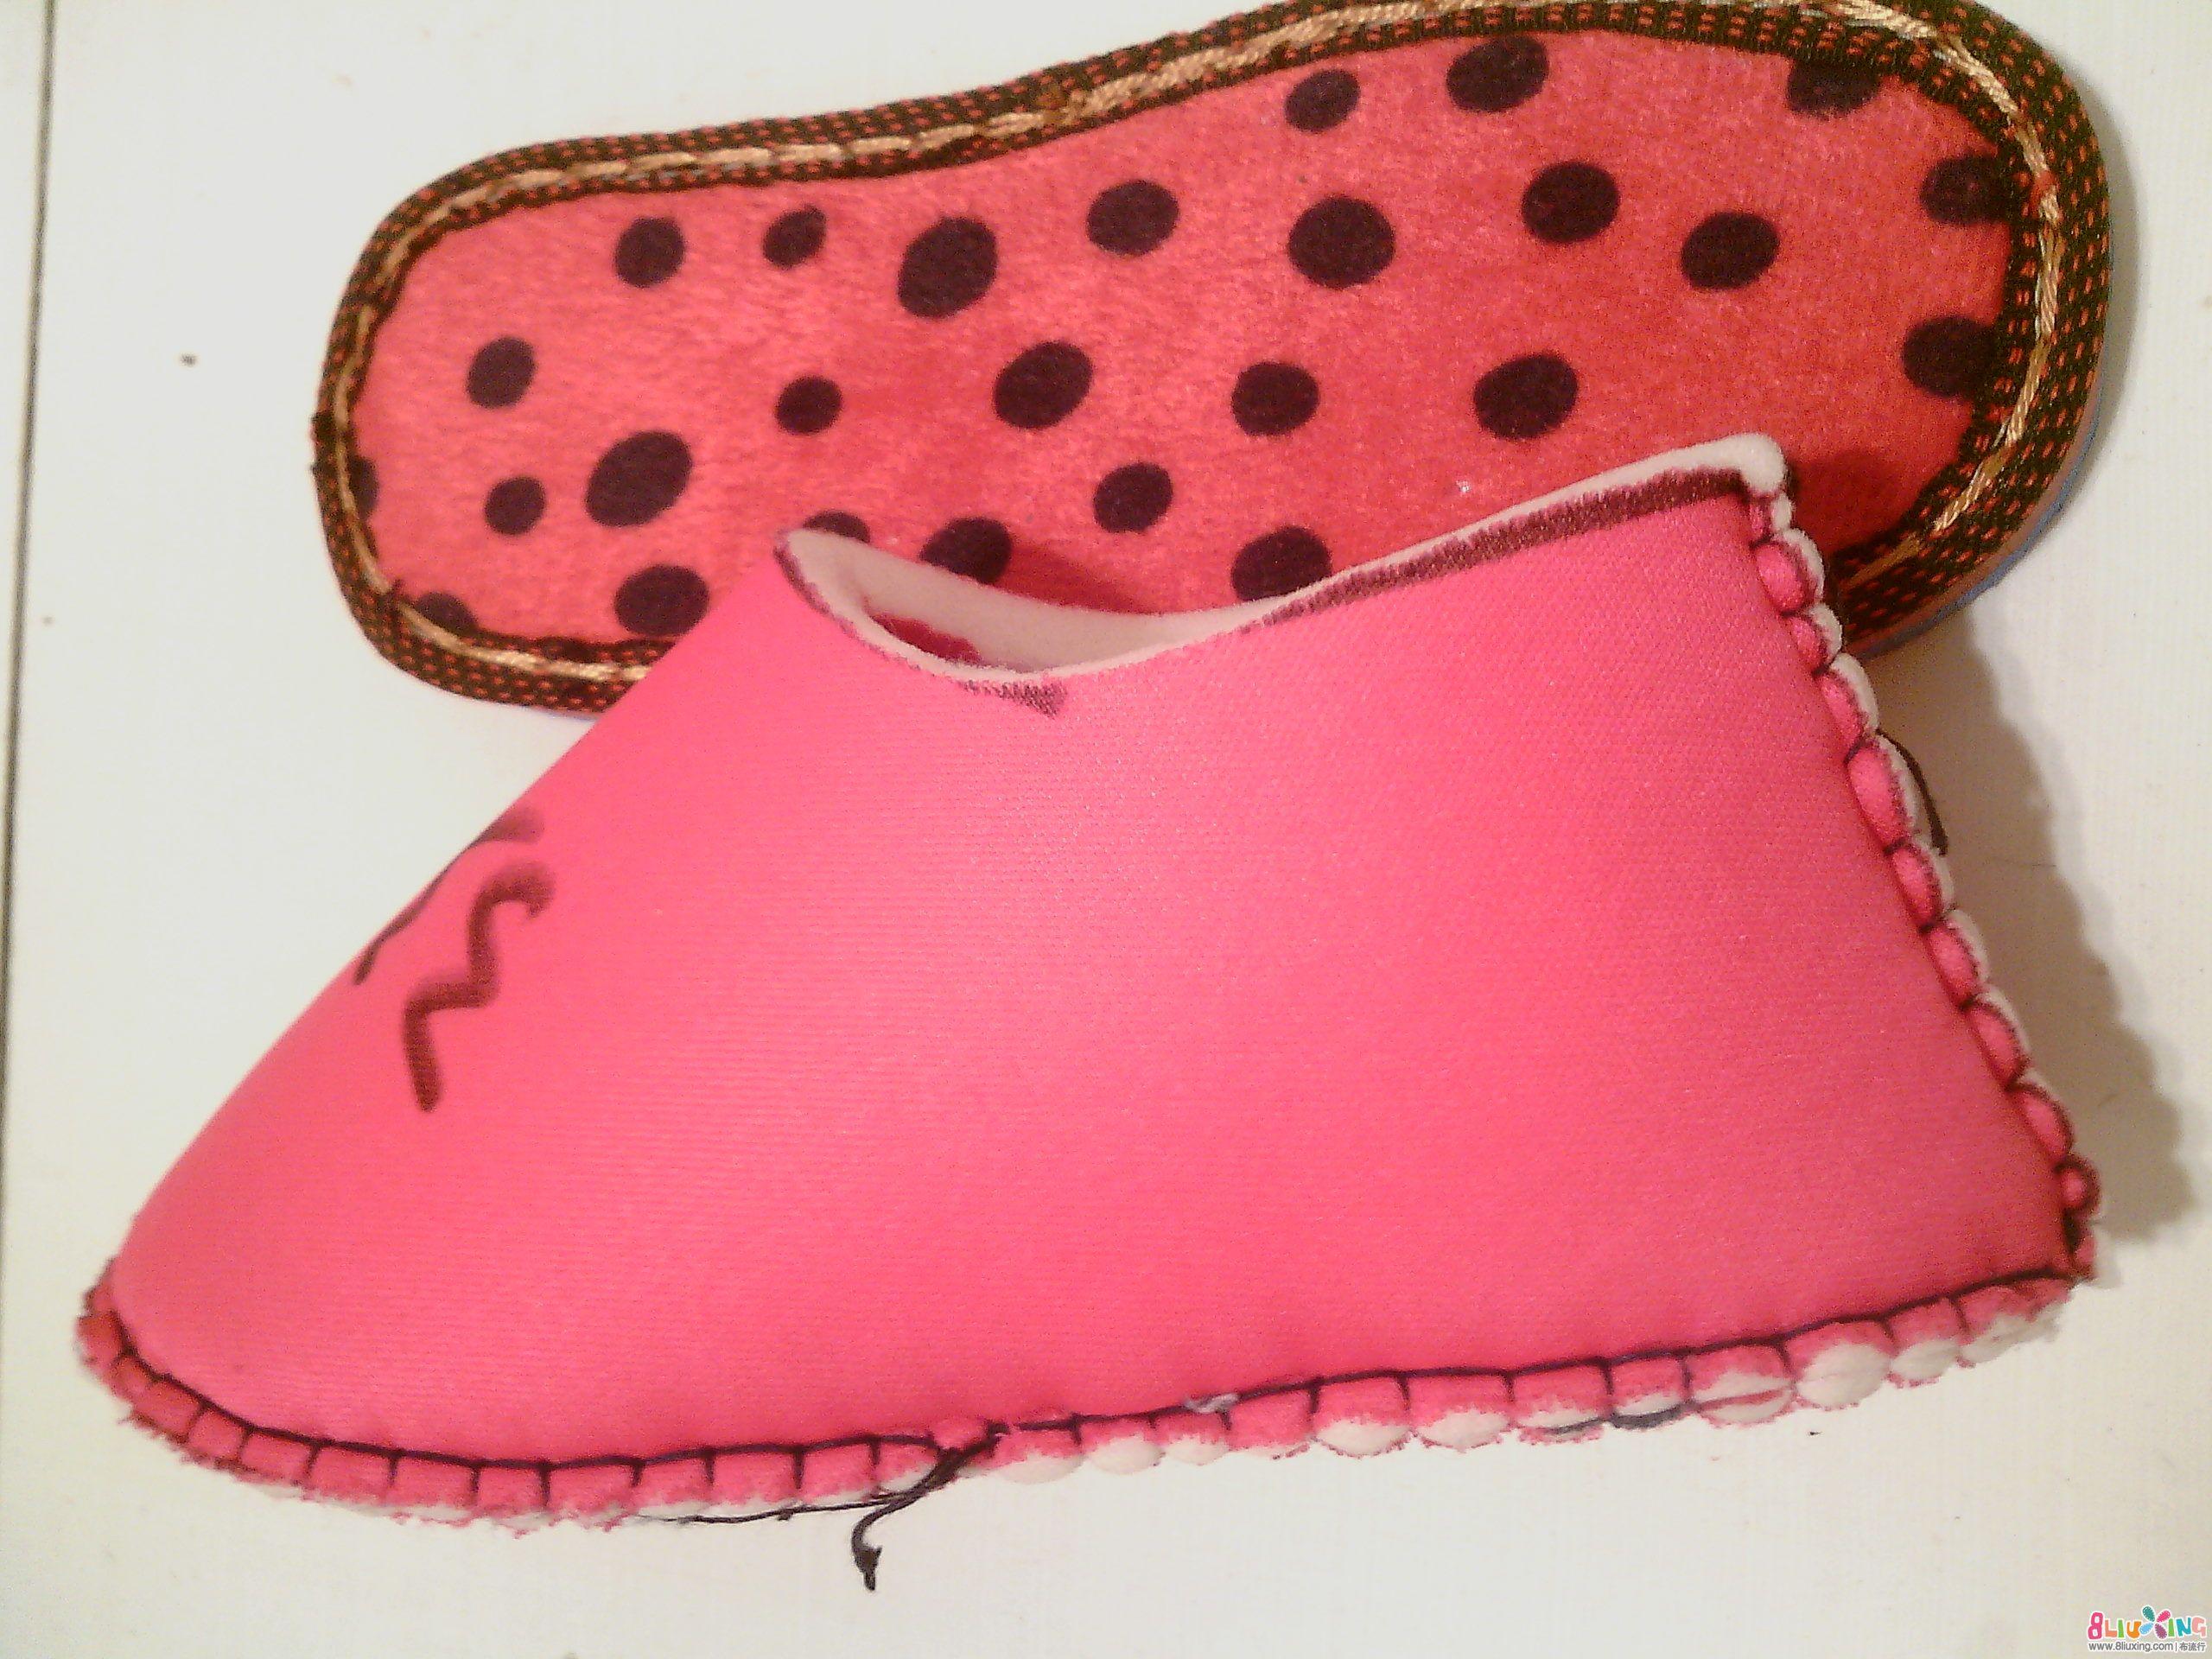 棒针毛线棉鞋的织法 毛线棉鞋的织法图解